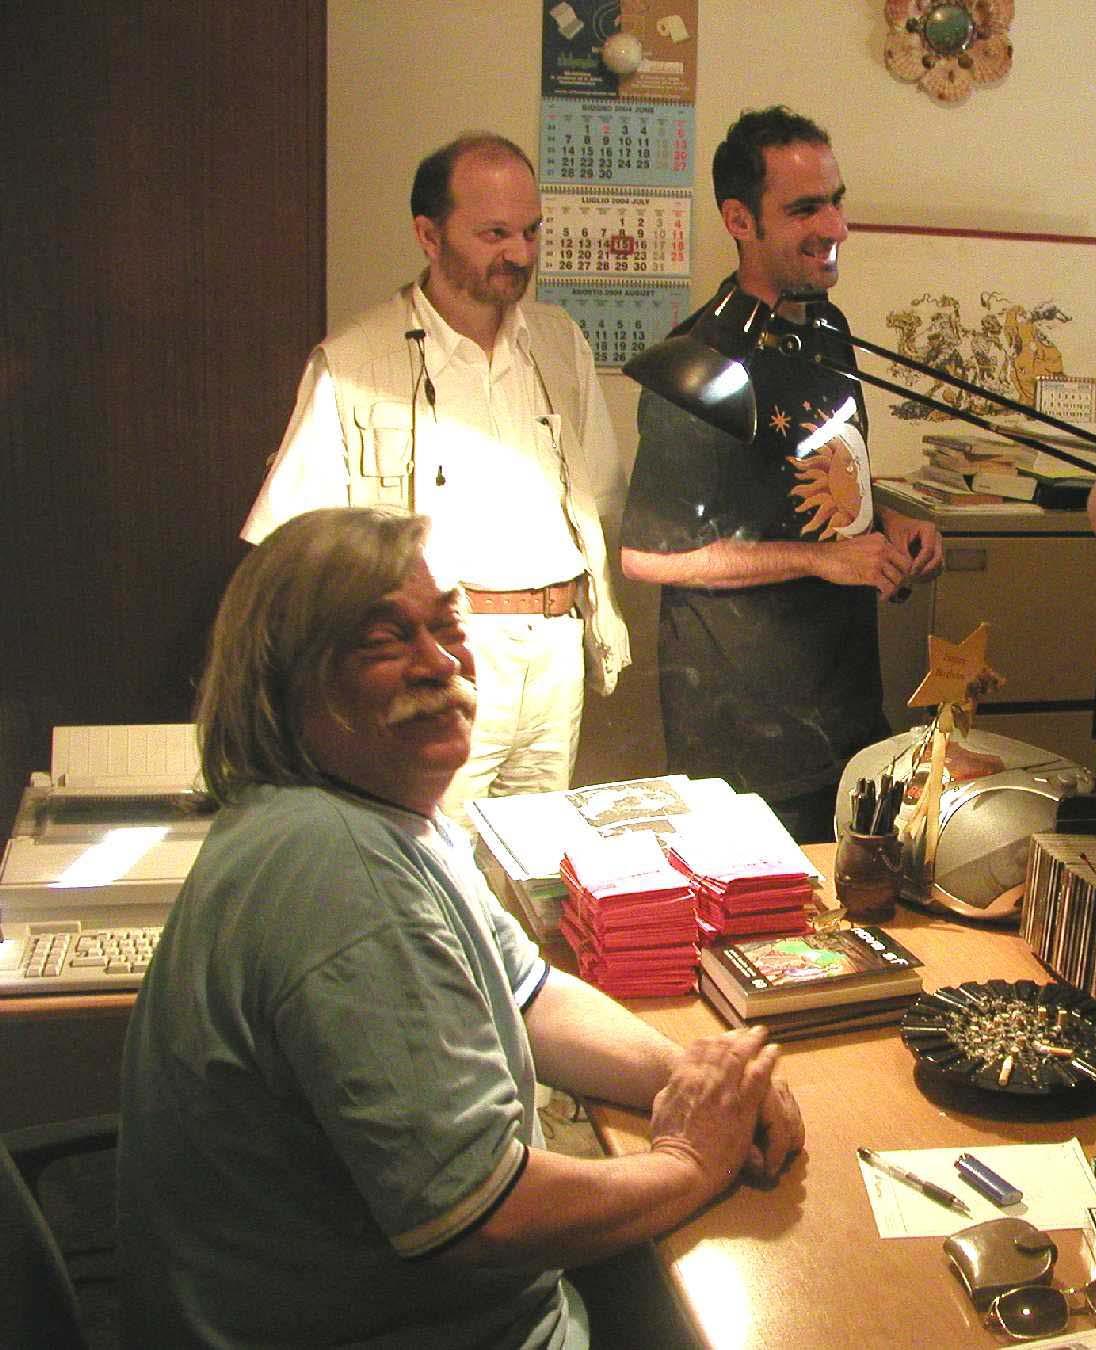 Ugo Malaguti e (sullo sfondo in bianco) Giorgio Sangiorgi